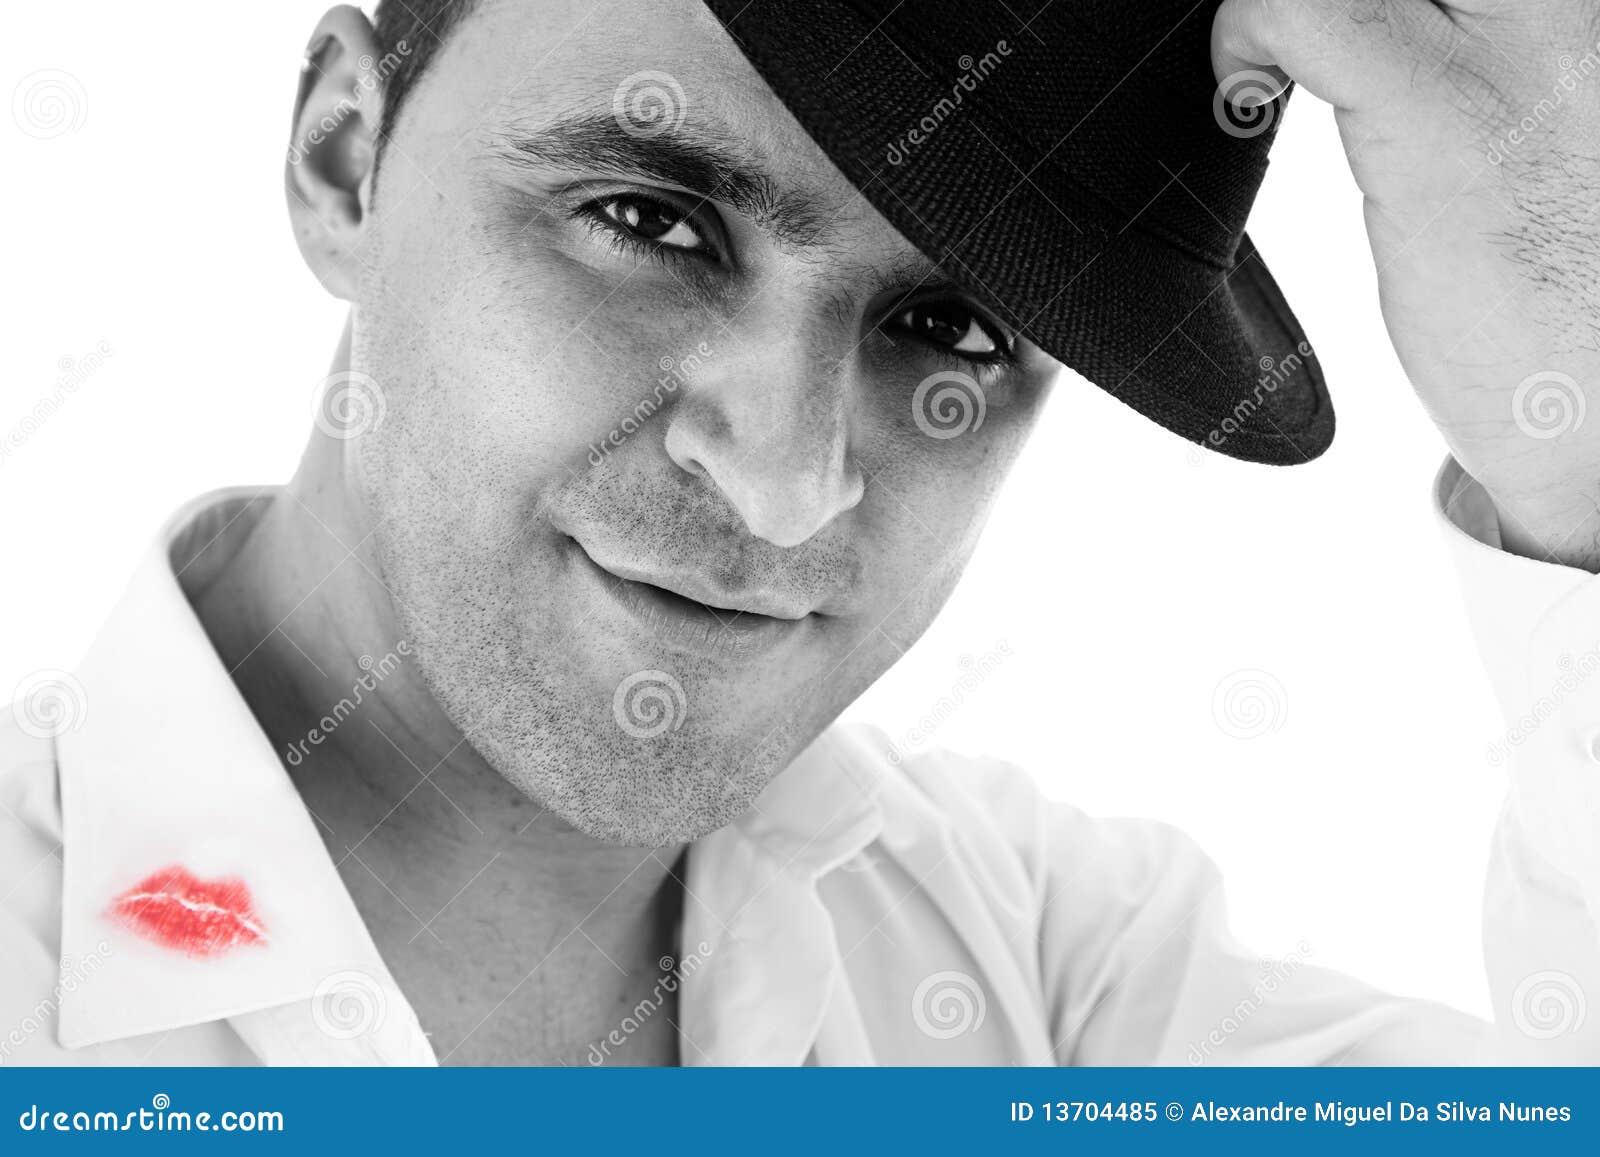 acf5f55672f καπέλο χαιρετισμού το πο στοκ εικόνα. εικόνα από κραγιόν - 13704485